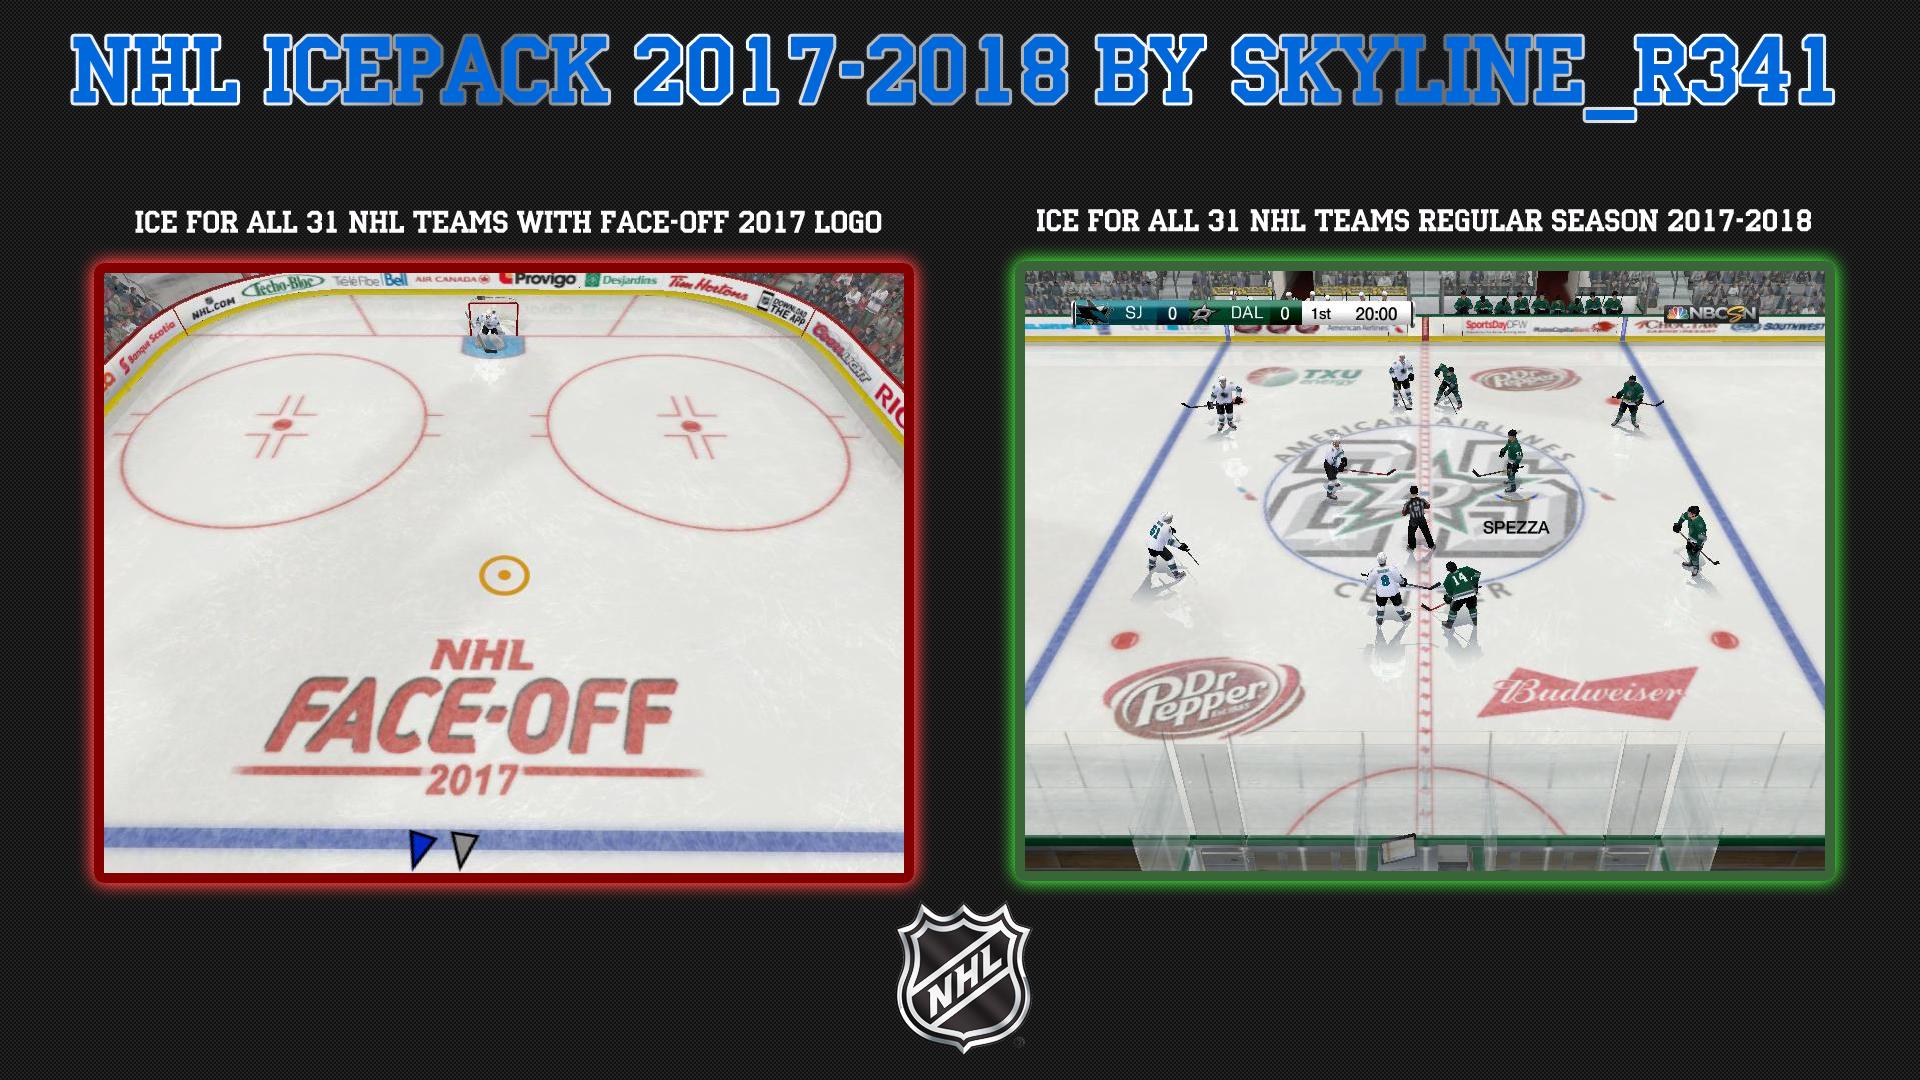 NHL Icepack 2017-2018 by Skyline_r341